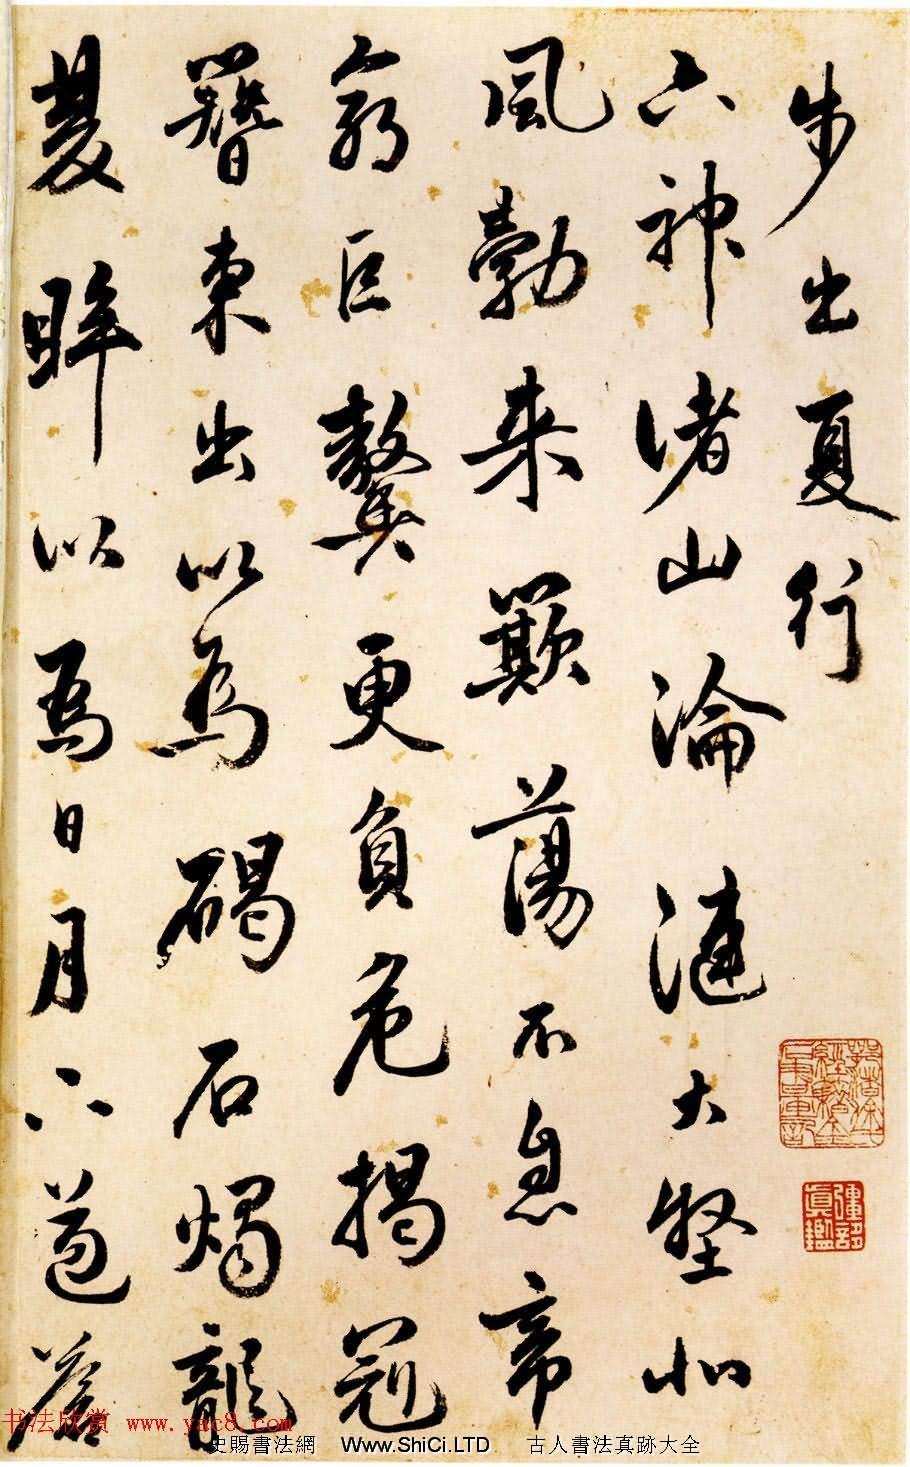 明代王世貞行草書法作品真跡欣賞《樂府詞》(共12張圖片)